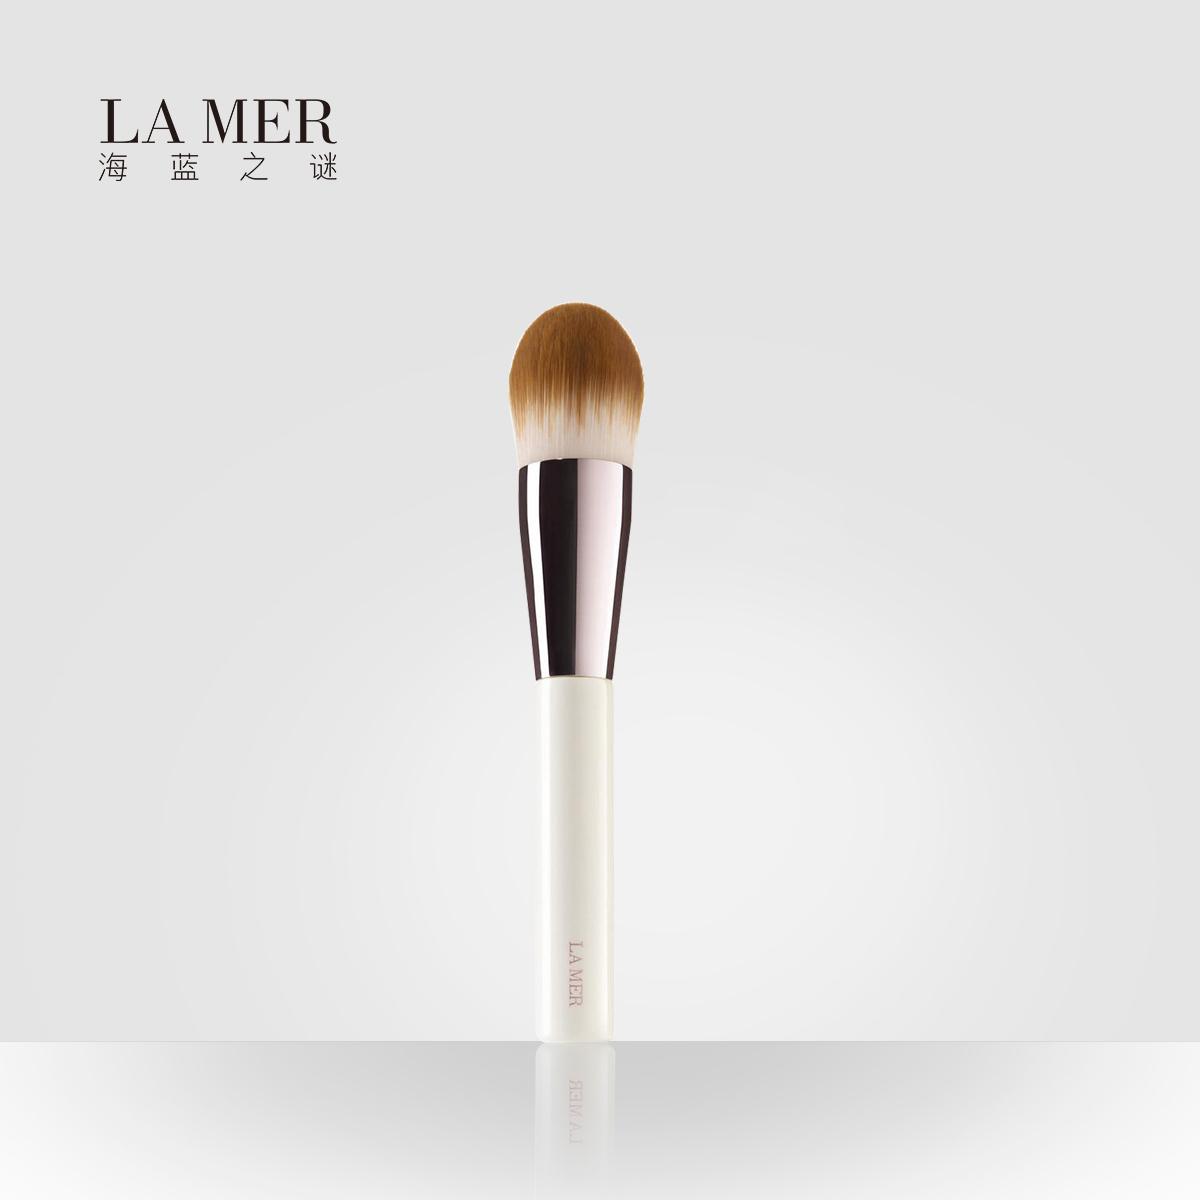 LA MER海蓝之谜鎏光焕变粉底刷化妆刷底妆刷彩妆工